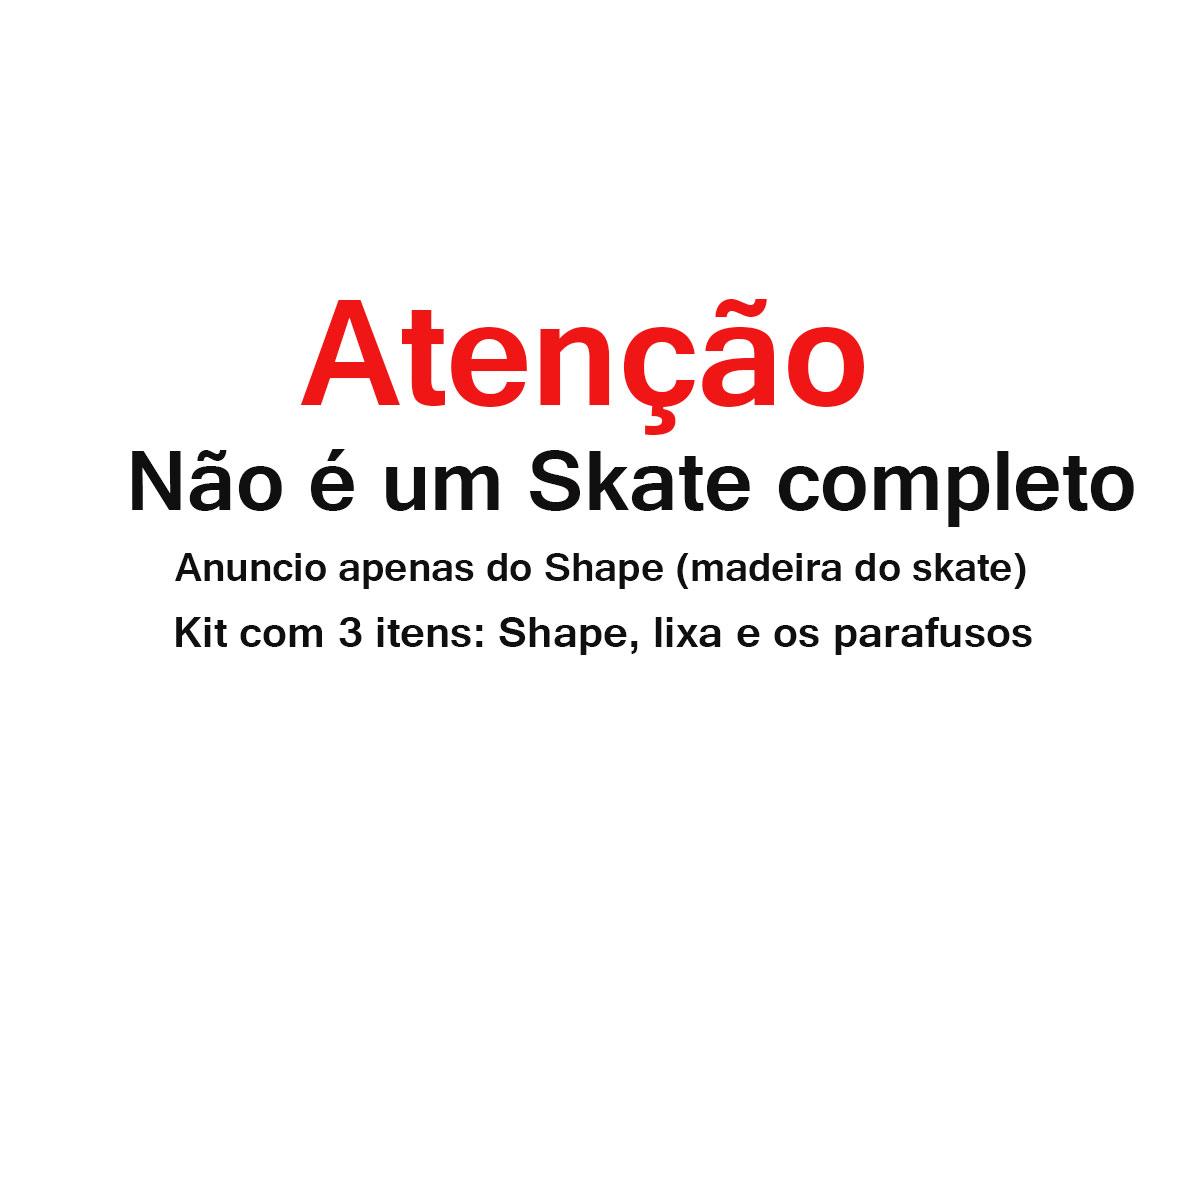 Shape Skate Wood Light 8.0 com Lixa Parafuso Base porca 10